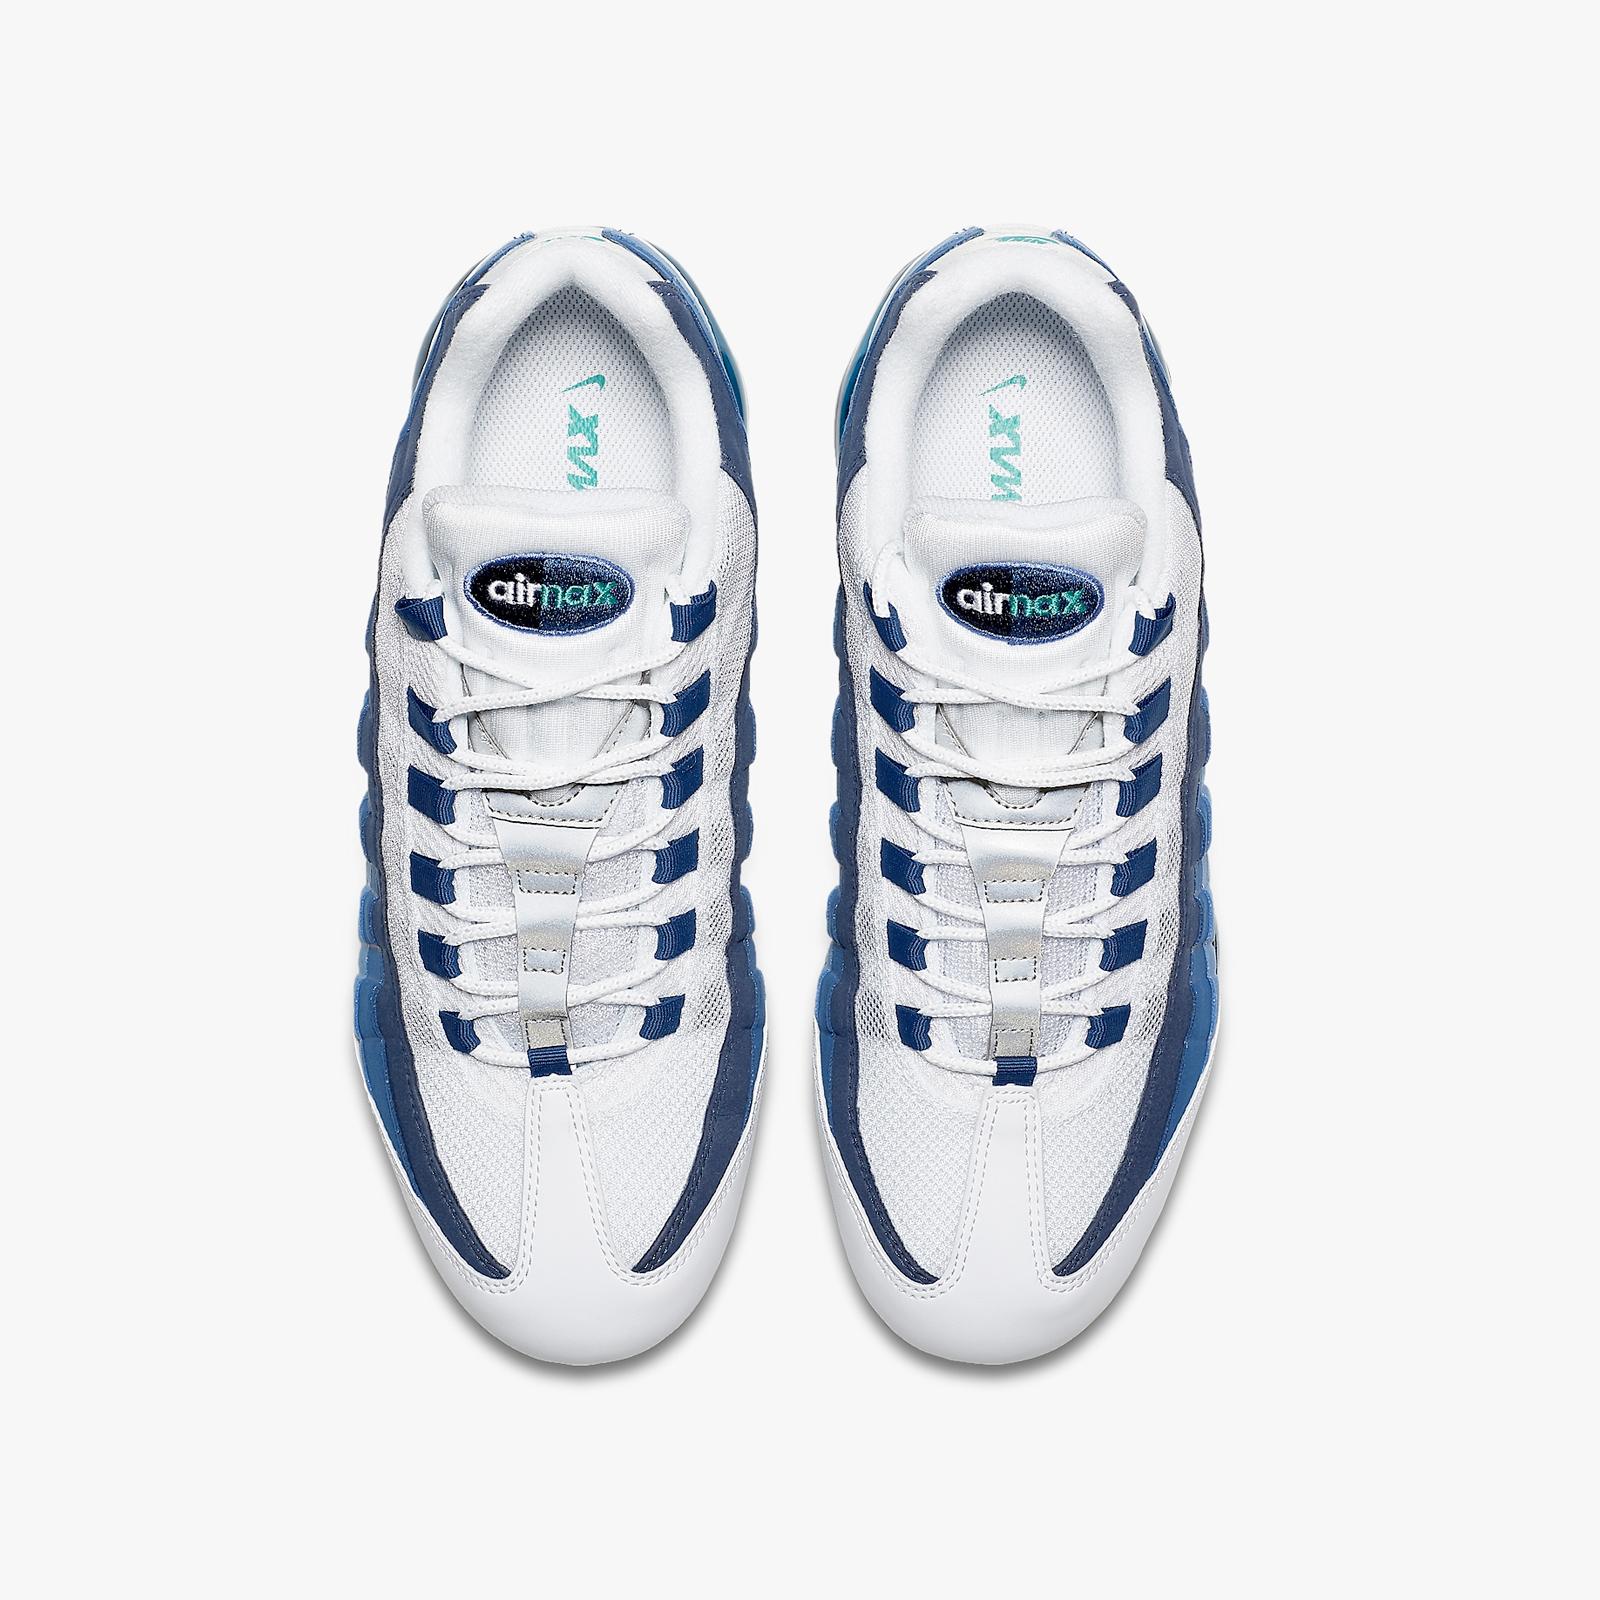 b836064ef5 Nike Air Vapormax 95 - Aj7292-100 - Sneakersnstuff | sneakers ...